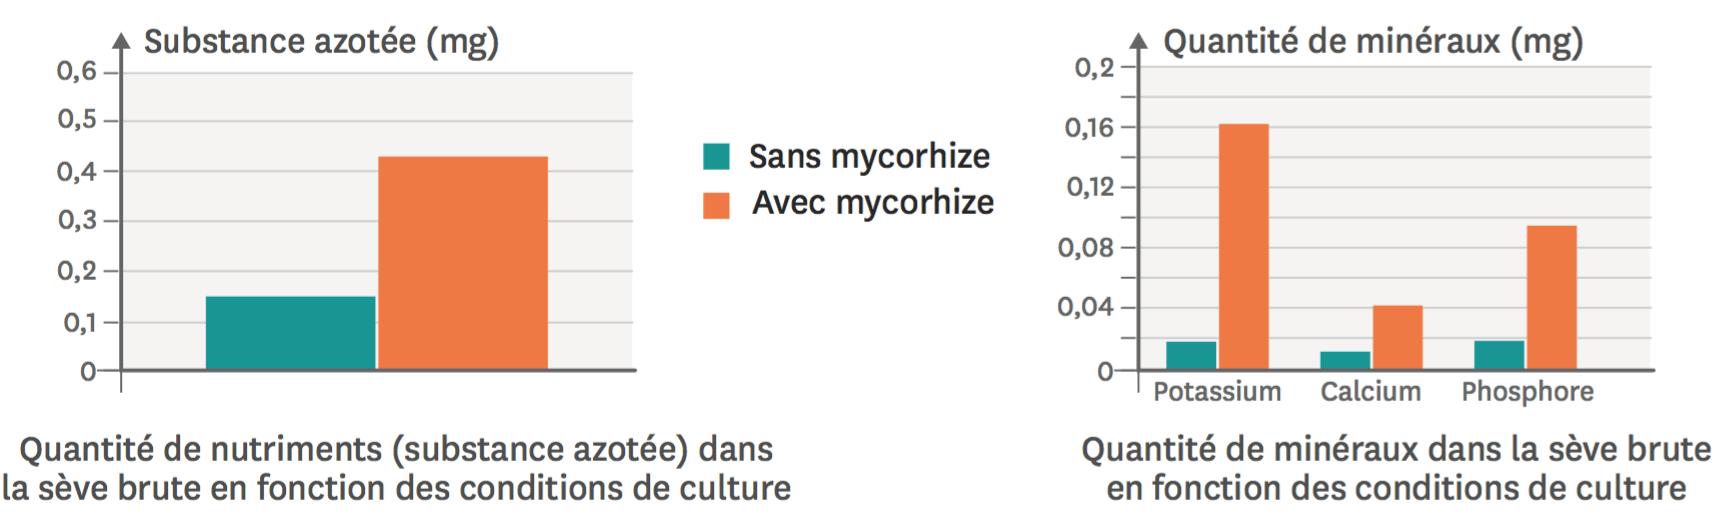 La quantité de nutriments et de sels minéraux (calcium, phosphore et potassium) dans la sève brute du pin en présence et en absence de mycorhize.